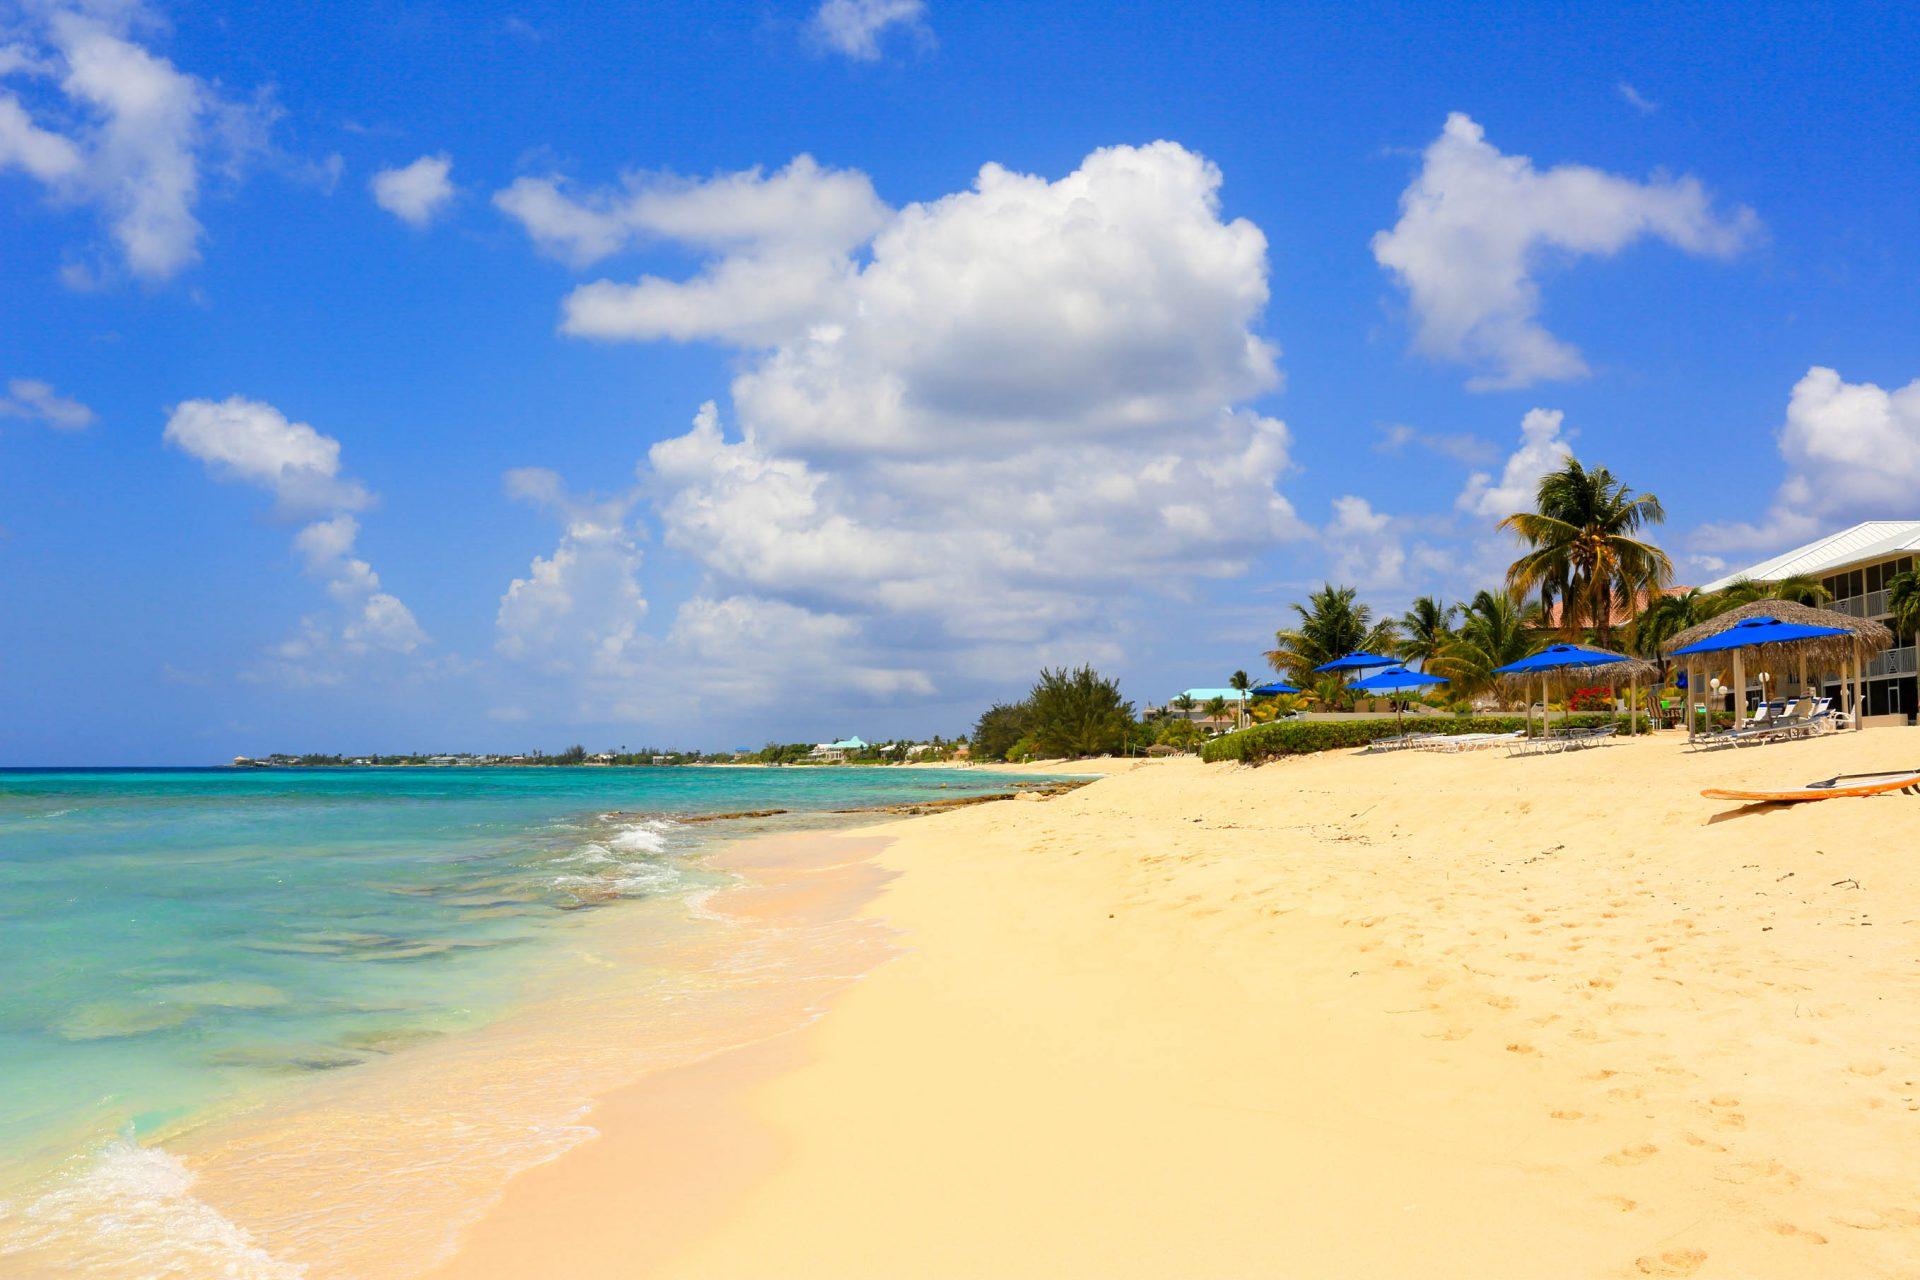 Auf Curacao gibt es einige FKK Hotels